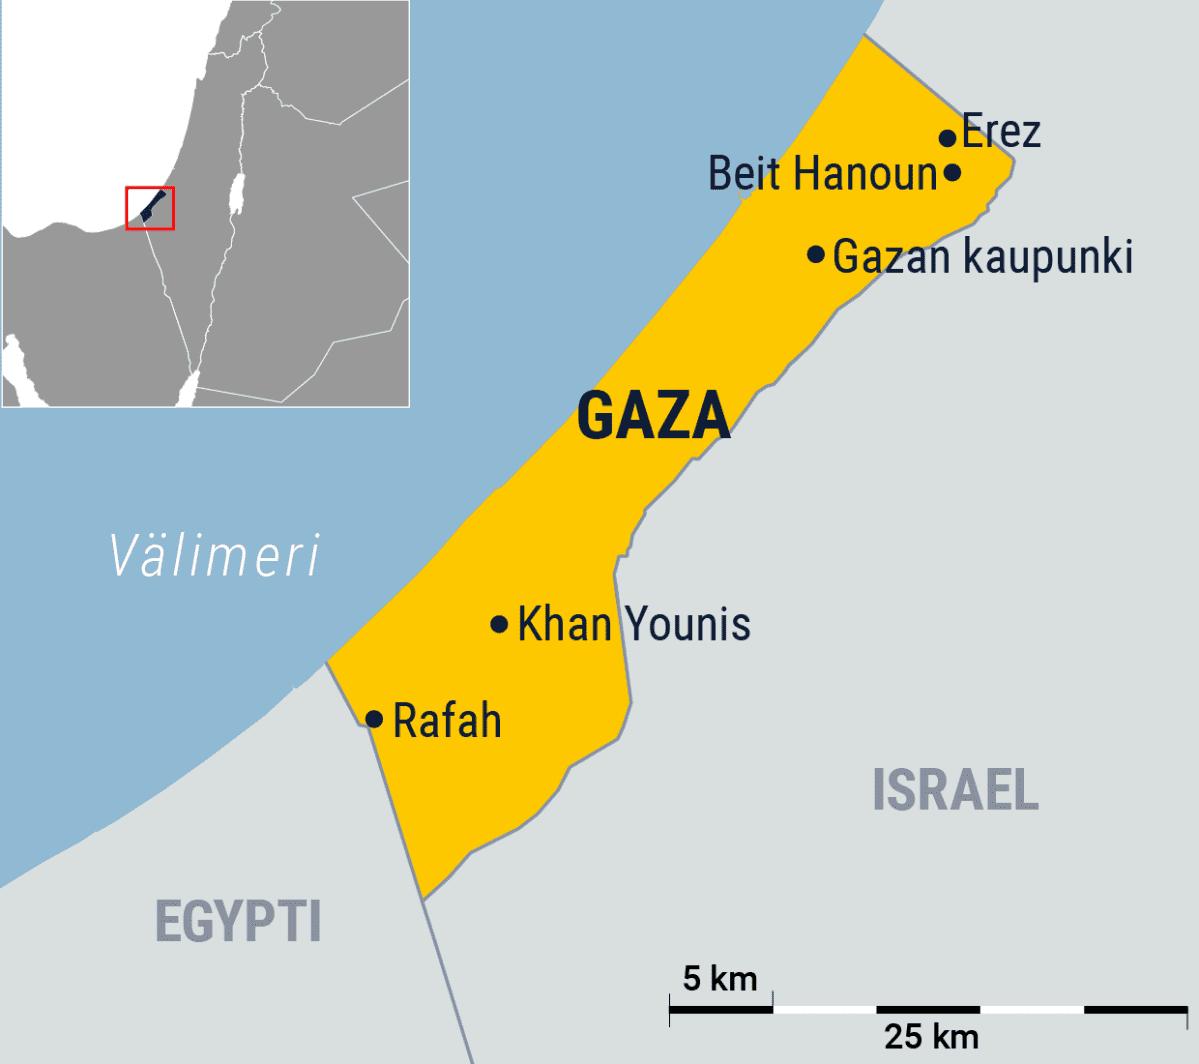 Kartta kaupungeista Gazassa.